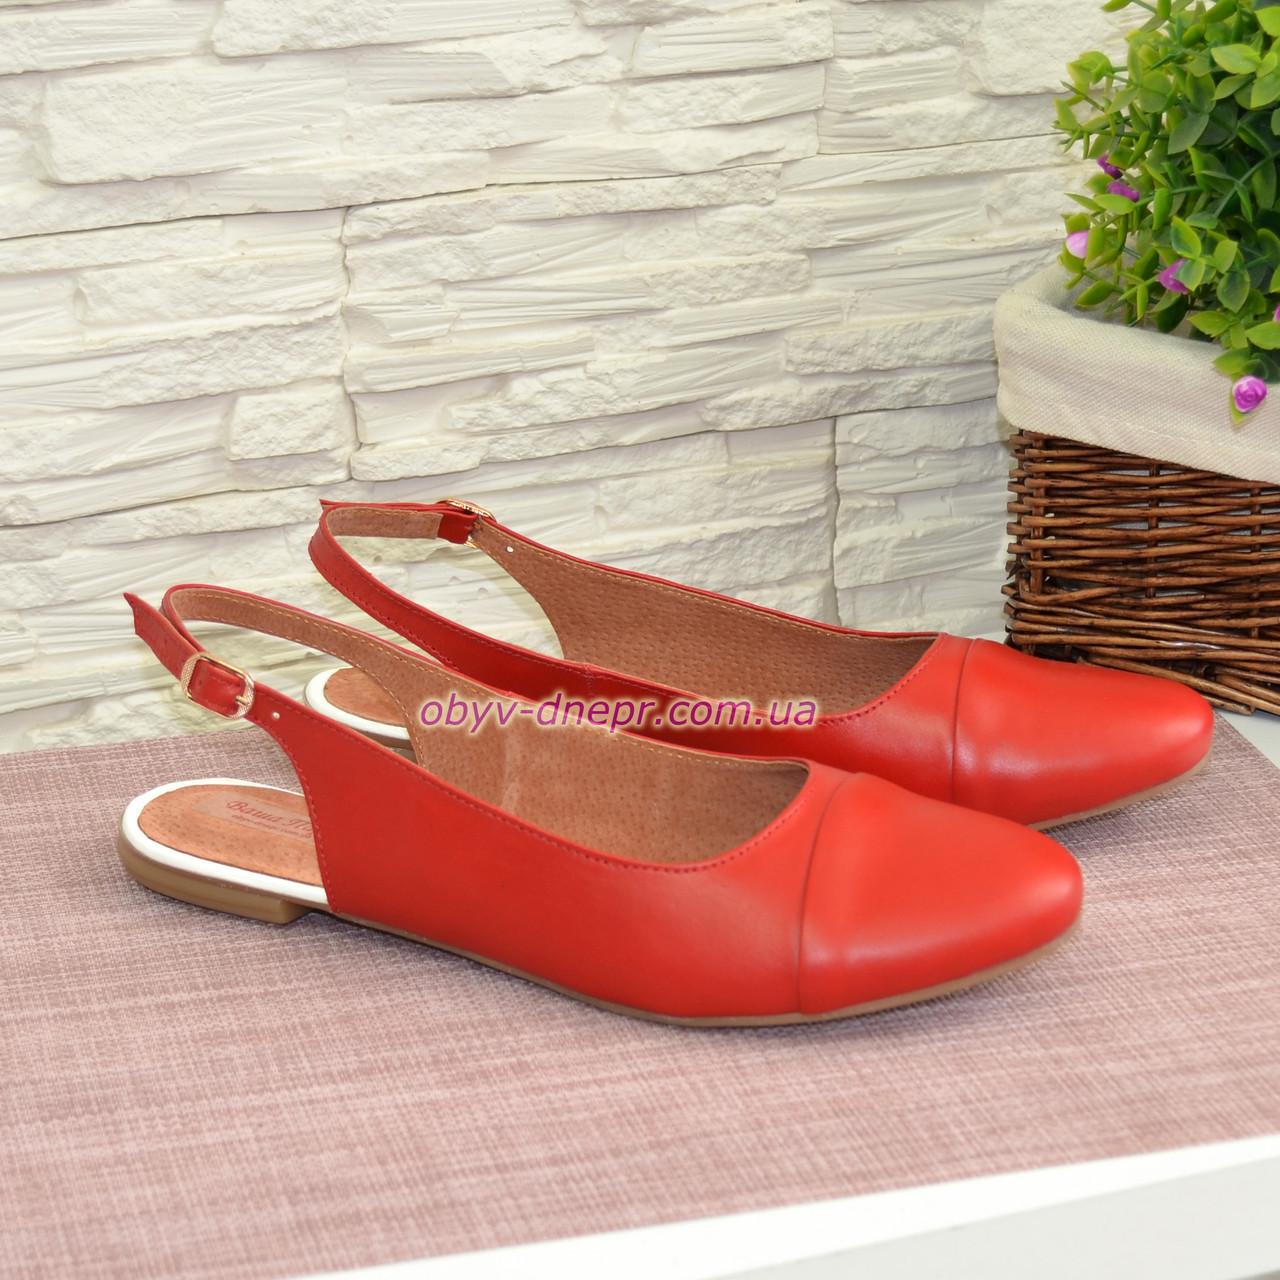 Женские кожаные босоножки с закрытым носком и открытой пяткой, цвет красный